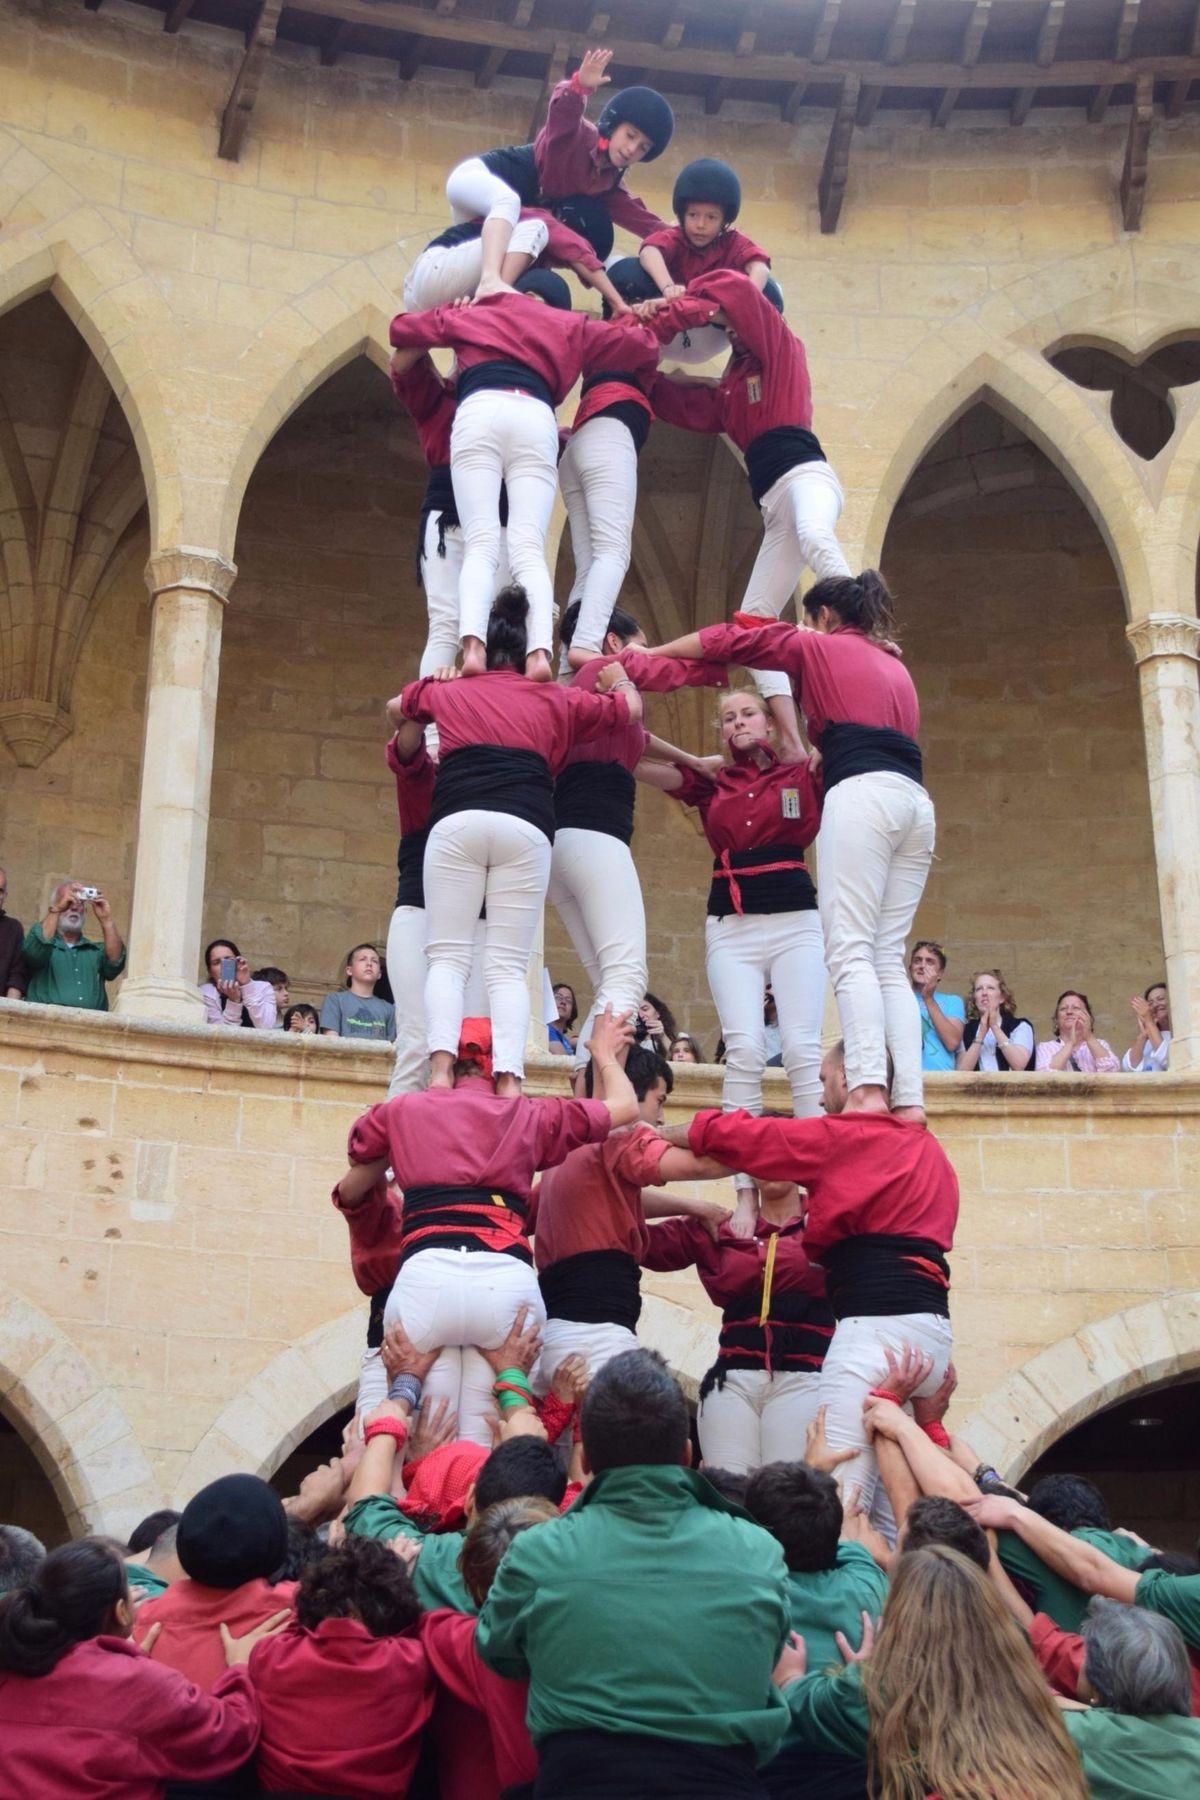 Menschenpyramiden-Fest in Palma